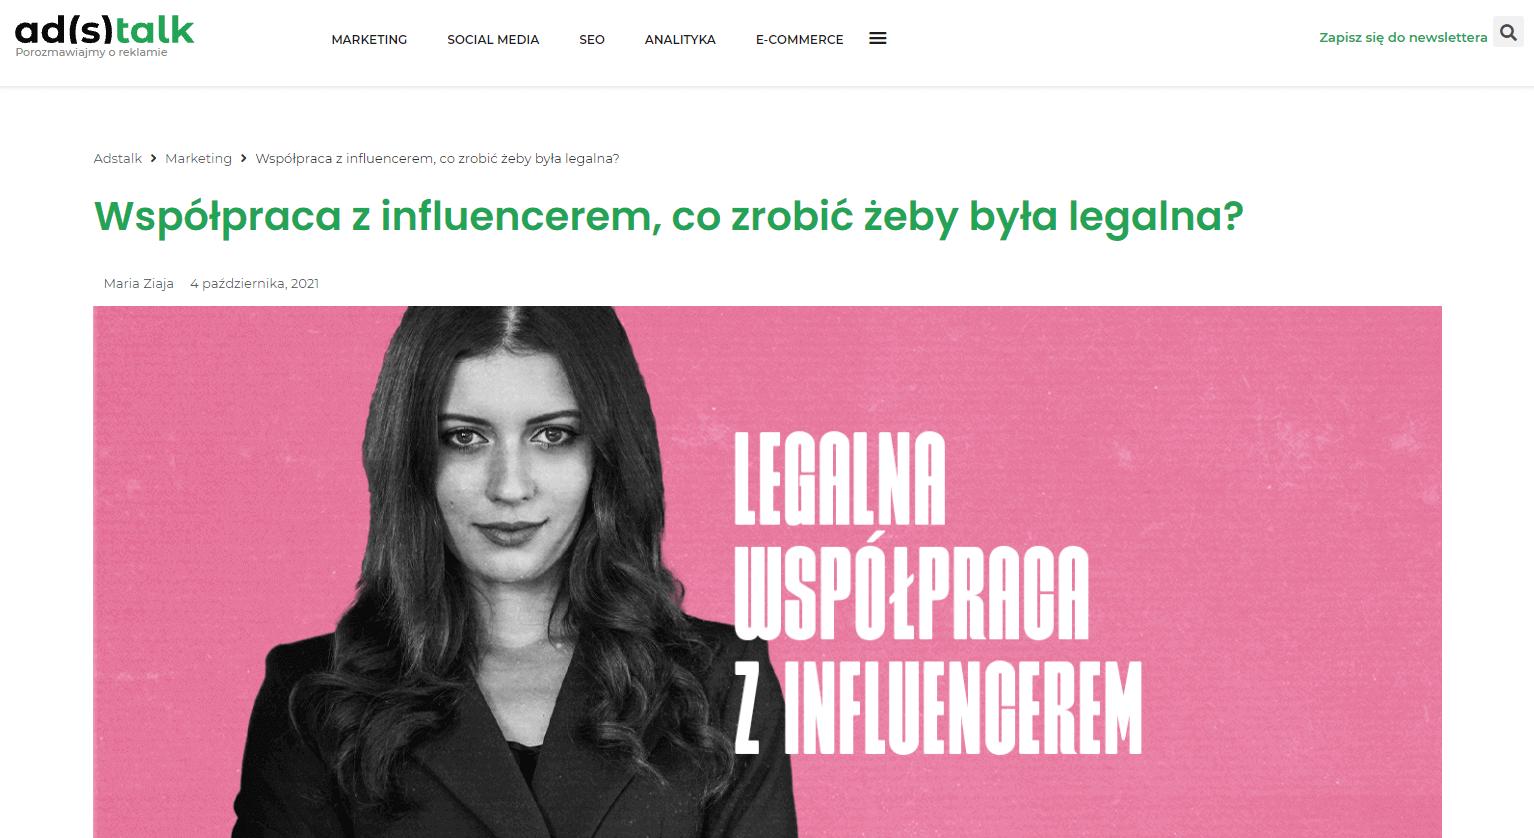 Współpraca z influencerem, co zrobić żeby była legalna?